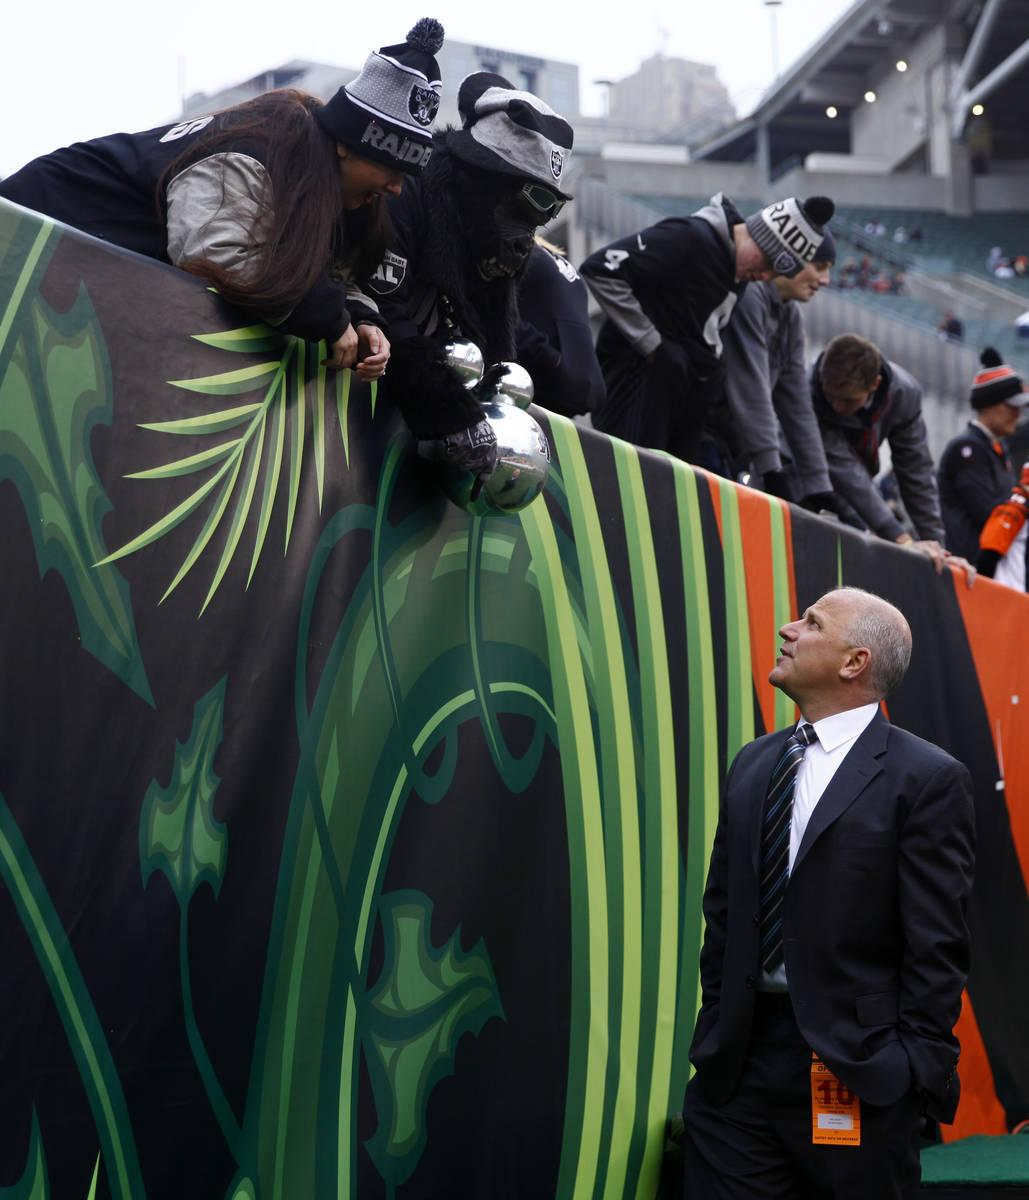 El presidente de los Raiders, Marc Badain, se reúne con los fans del equipo antes de un partid ...